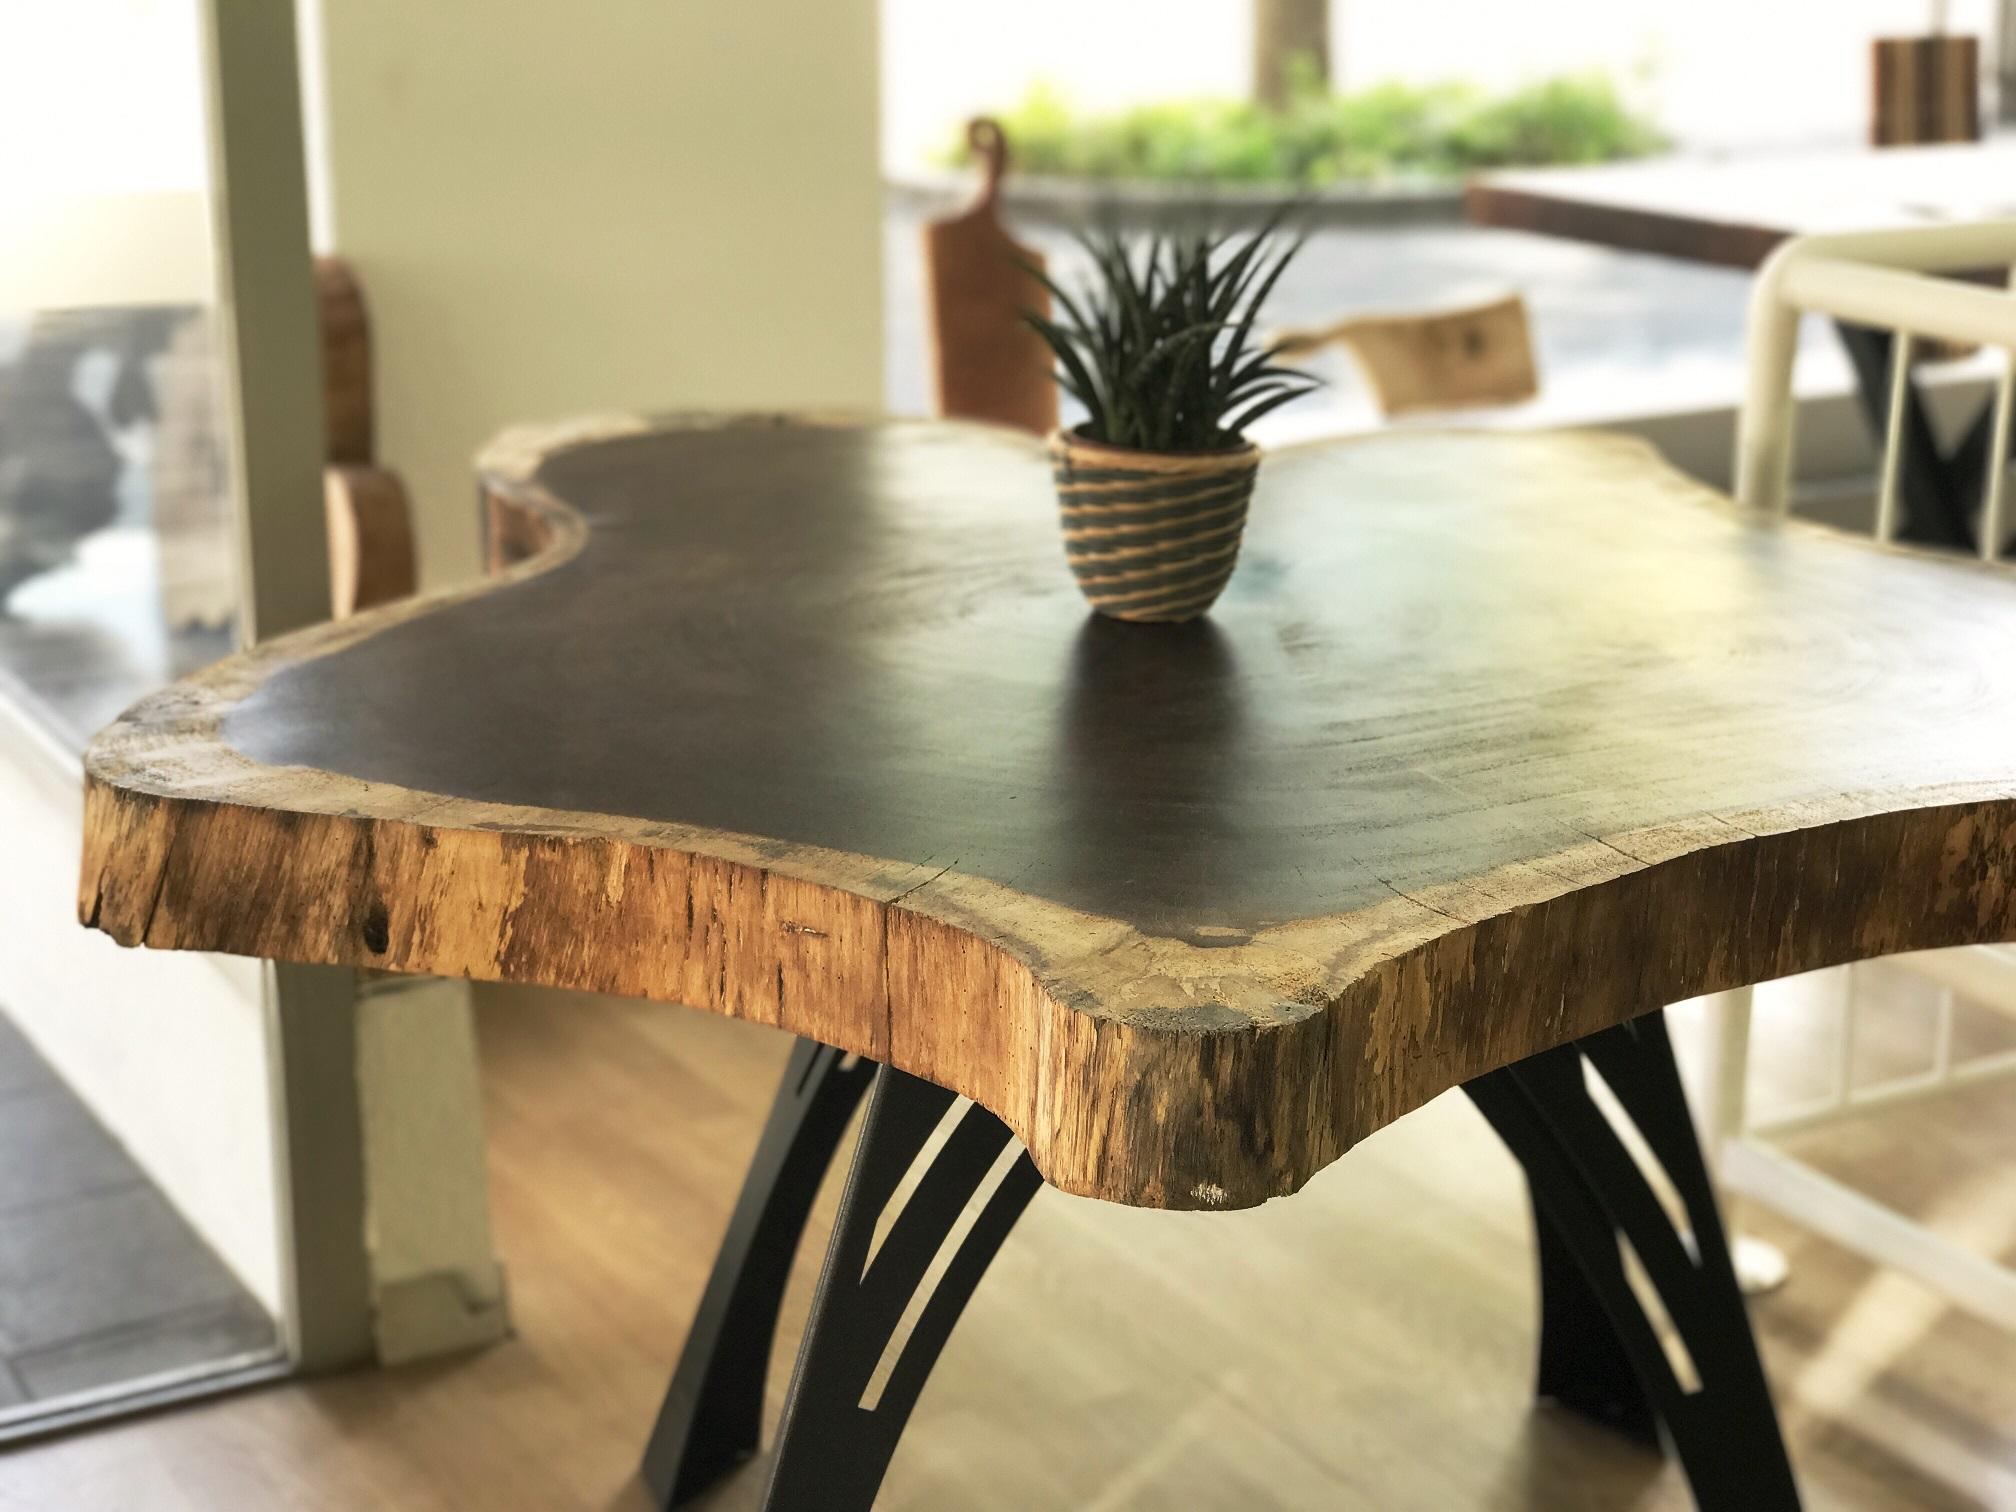 epoxidharz massivholzm bel epoxyresin dastek gmbh solingen. Black Bedroom Furniture Sets. Home Design Ideas